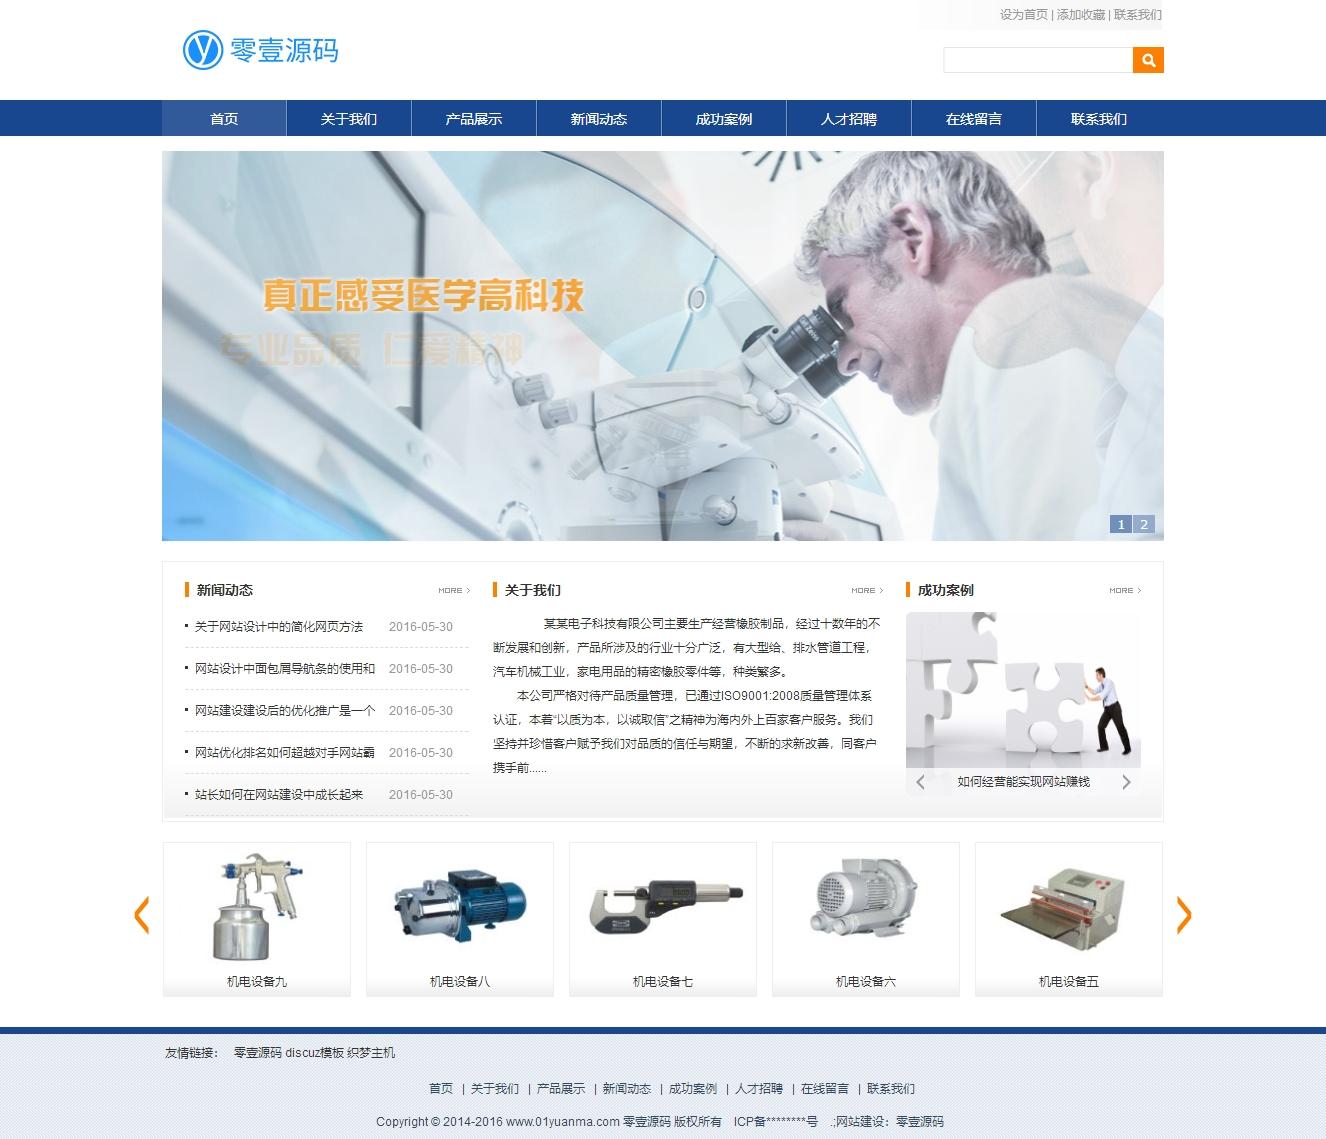 织梦dedecms橡胶制品汽车机械企业通用整站模板(修正版)